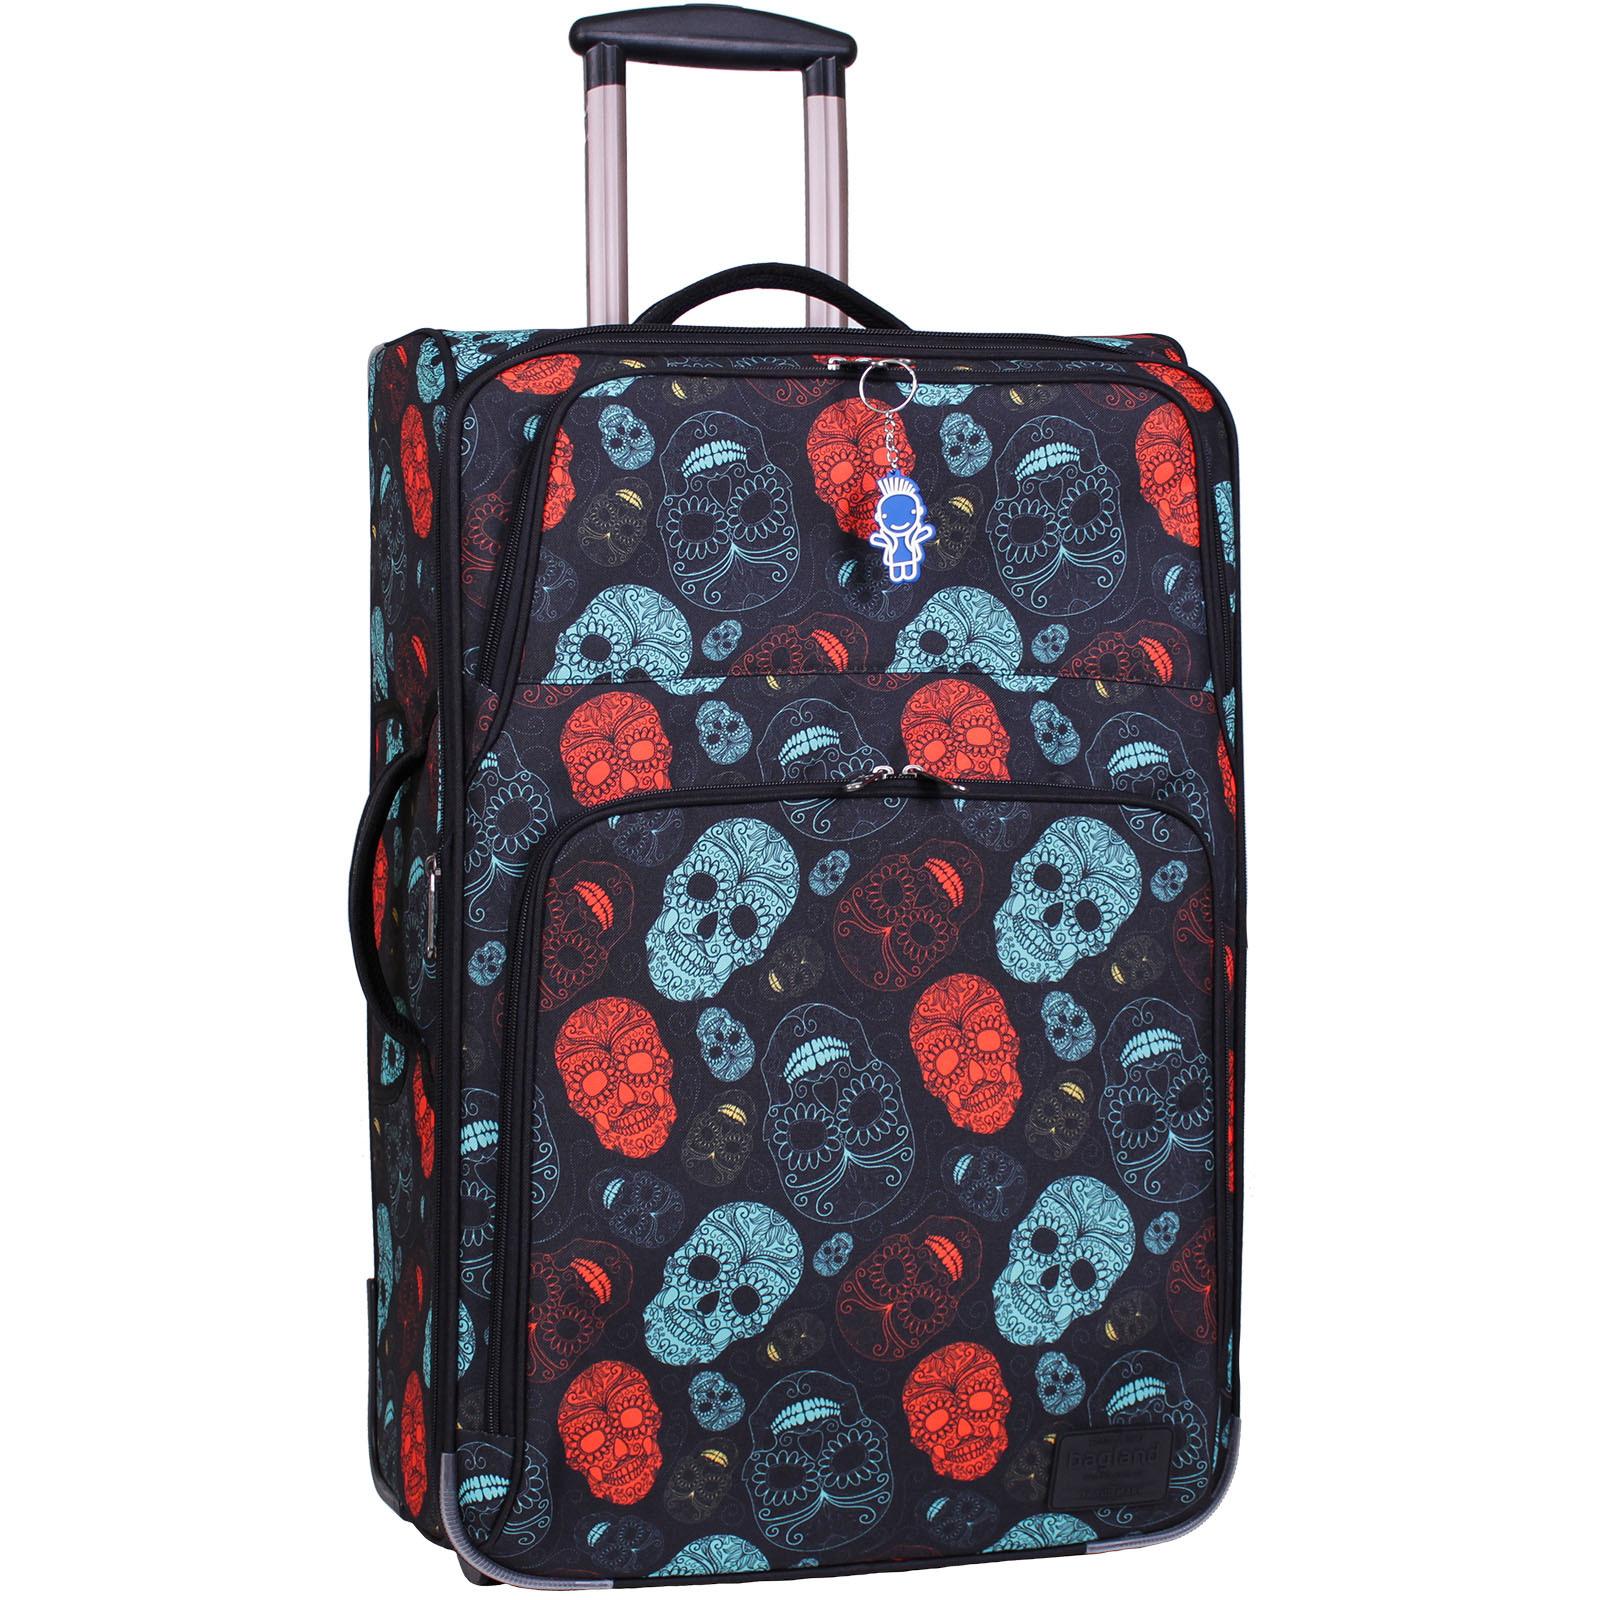 Дорожные чемоданы Чемодан Bagland Леон большой дизайн 70 л. сублимация (черепа) (0037666274) IMG_6829-1600.jpg